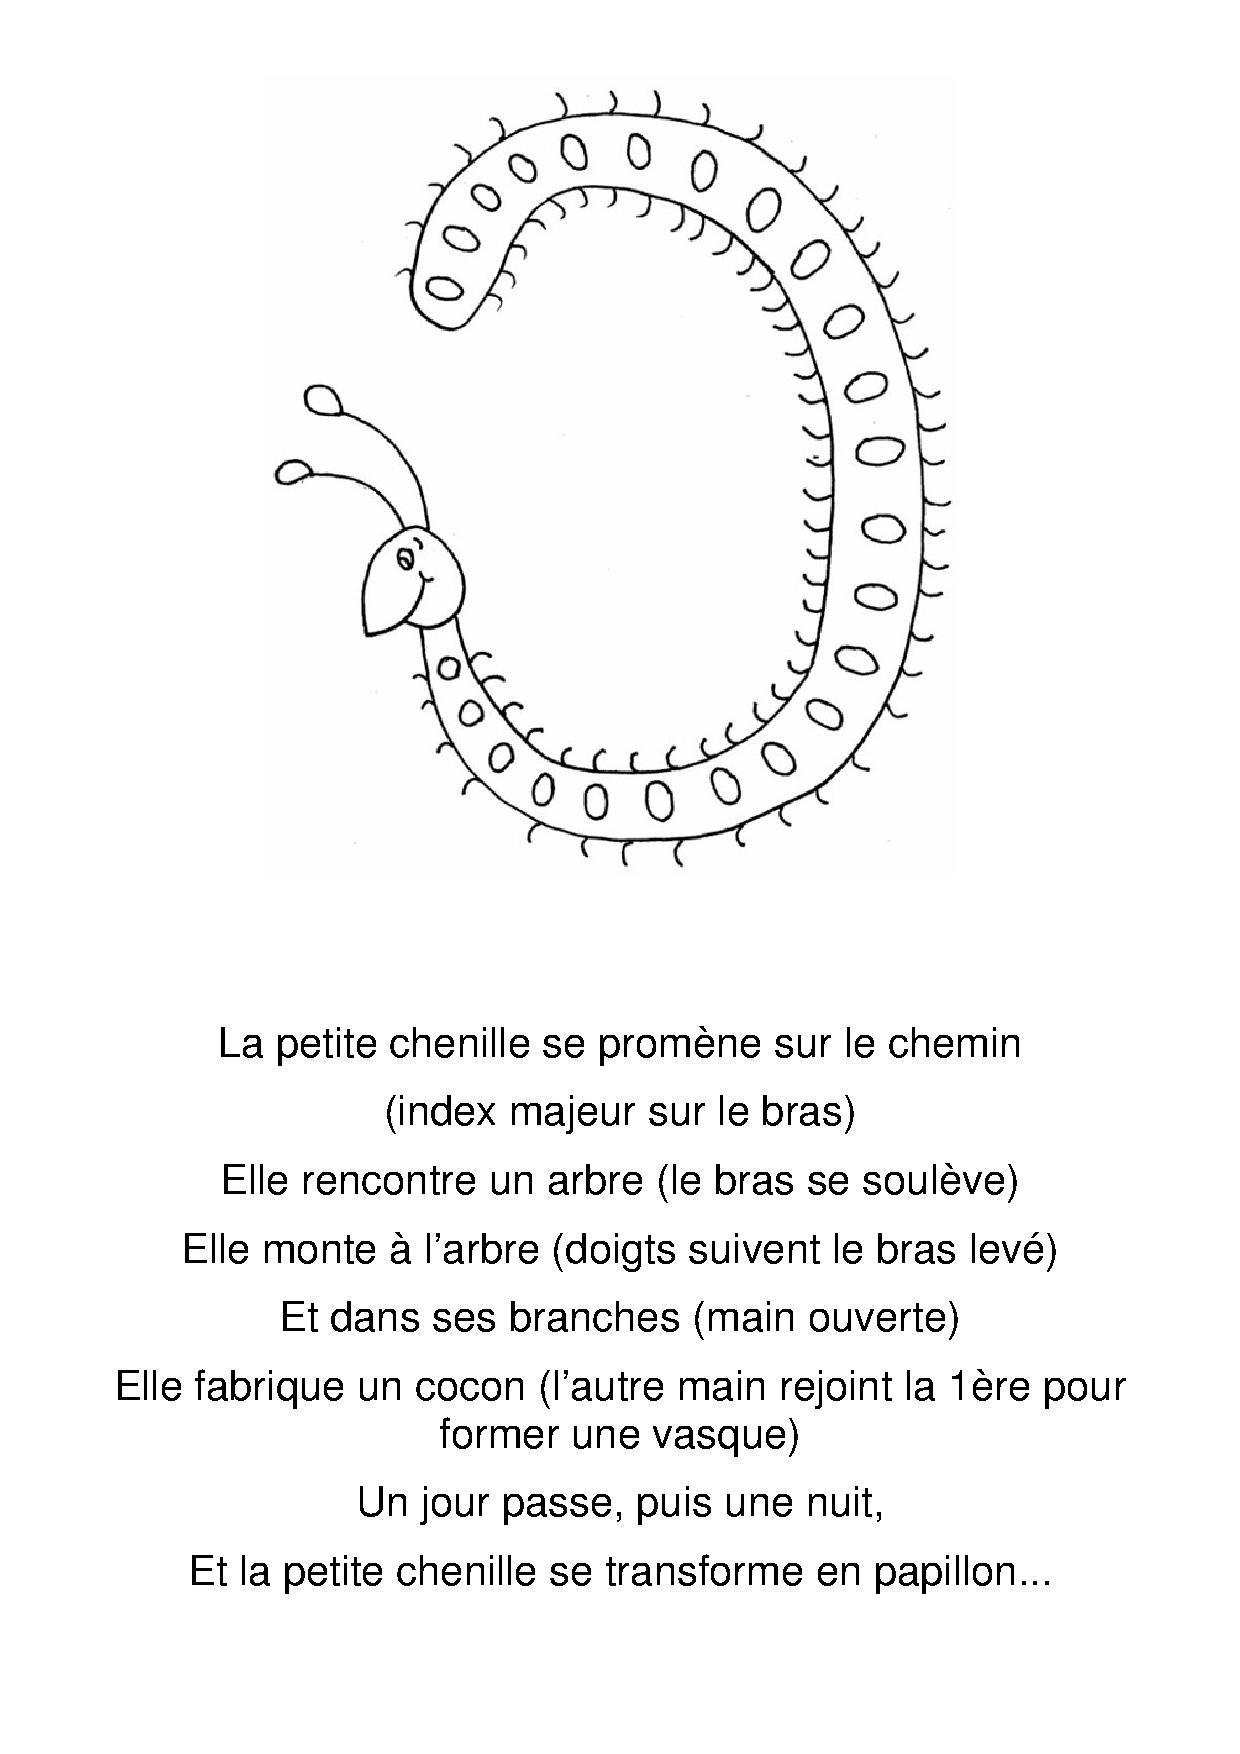 Poésie Chenille Maternelle - Recherche Google | Chenille tout Chanson De La Petite Patate